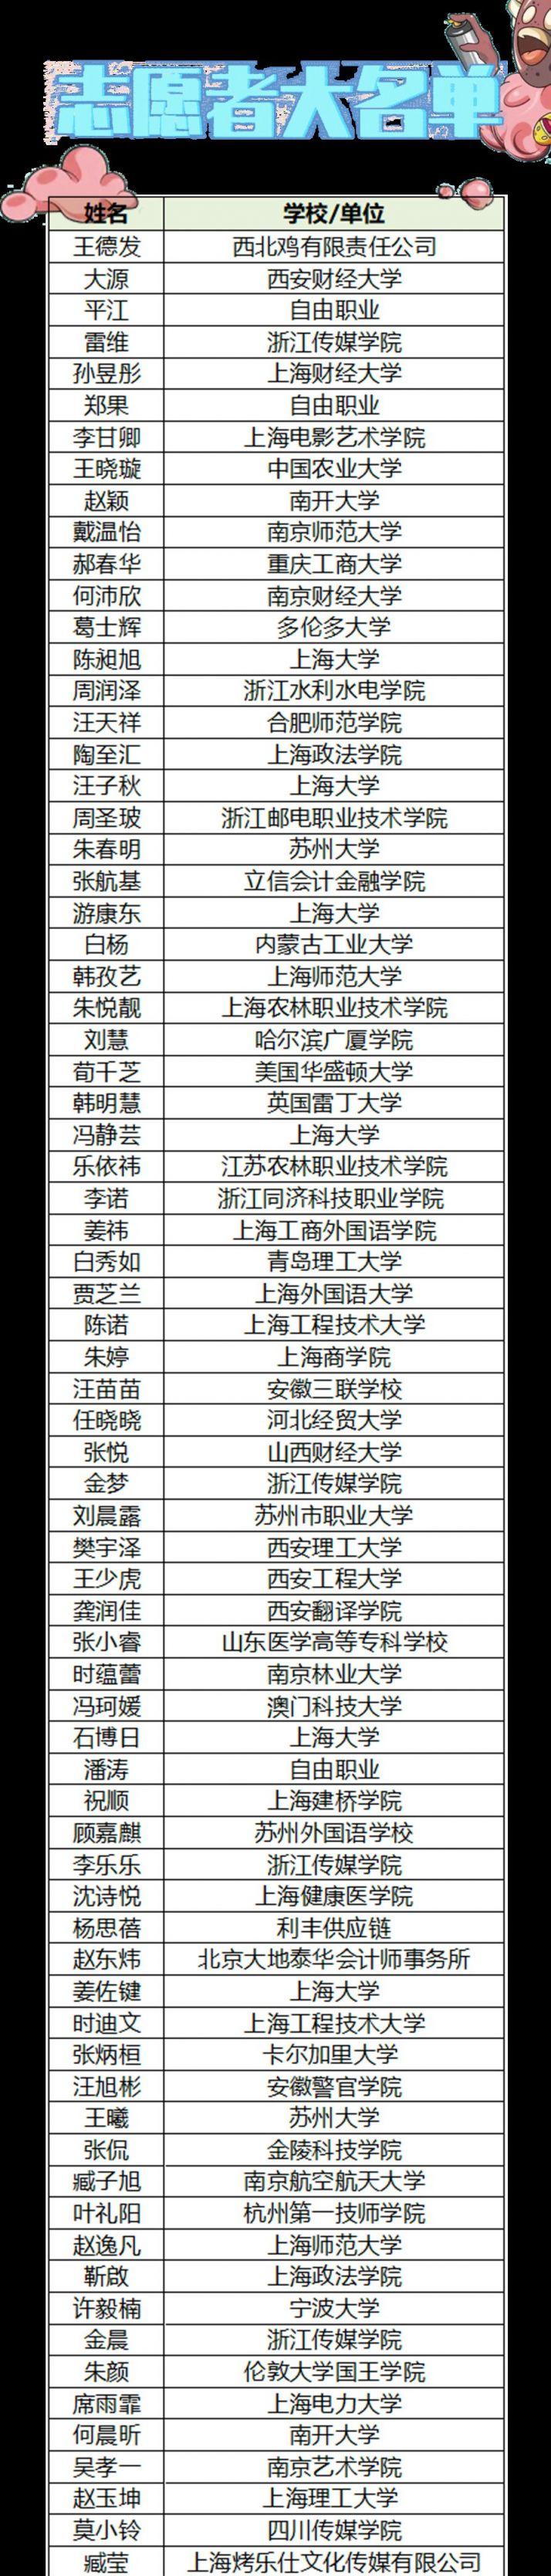 2021上海MILO音乐节志愿者名单公布